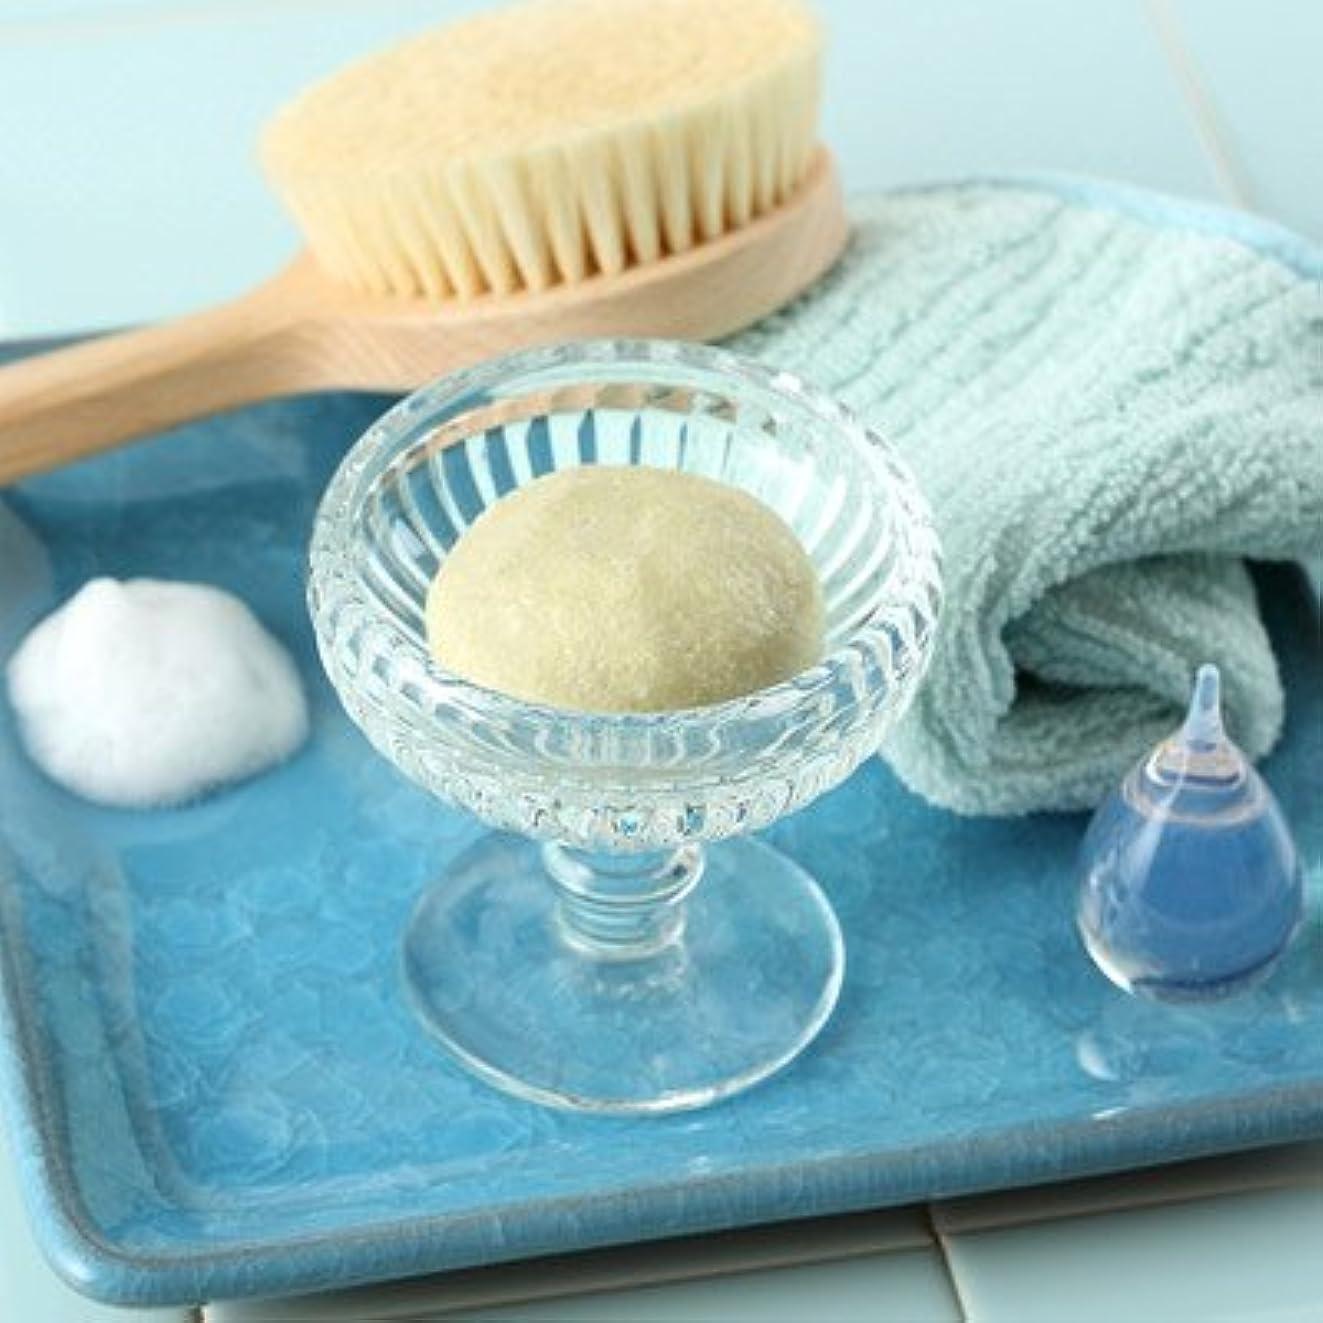 ホテル前件ベアリング敏感肌の方にも安心してお使いいただける石鹸 玉川小町「シルクと白樺の無添加手練り石けん(極)80g」